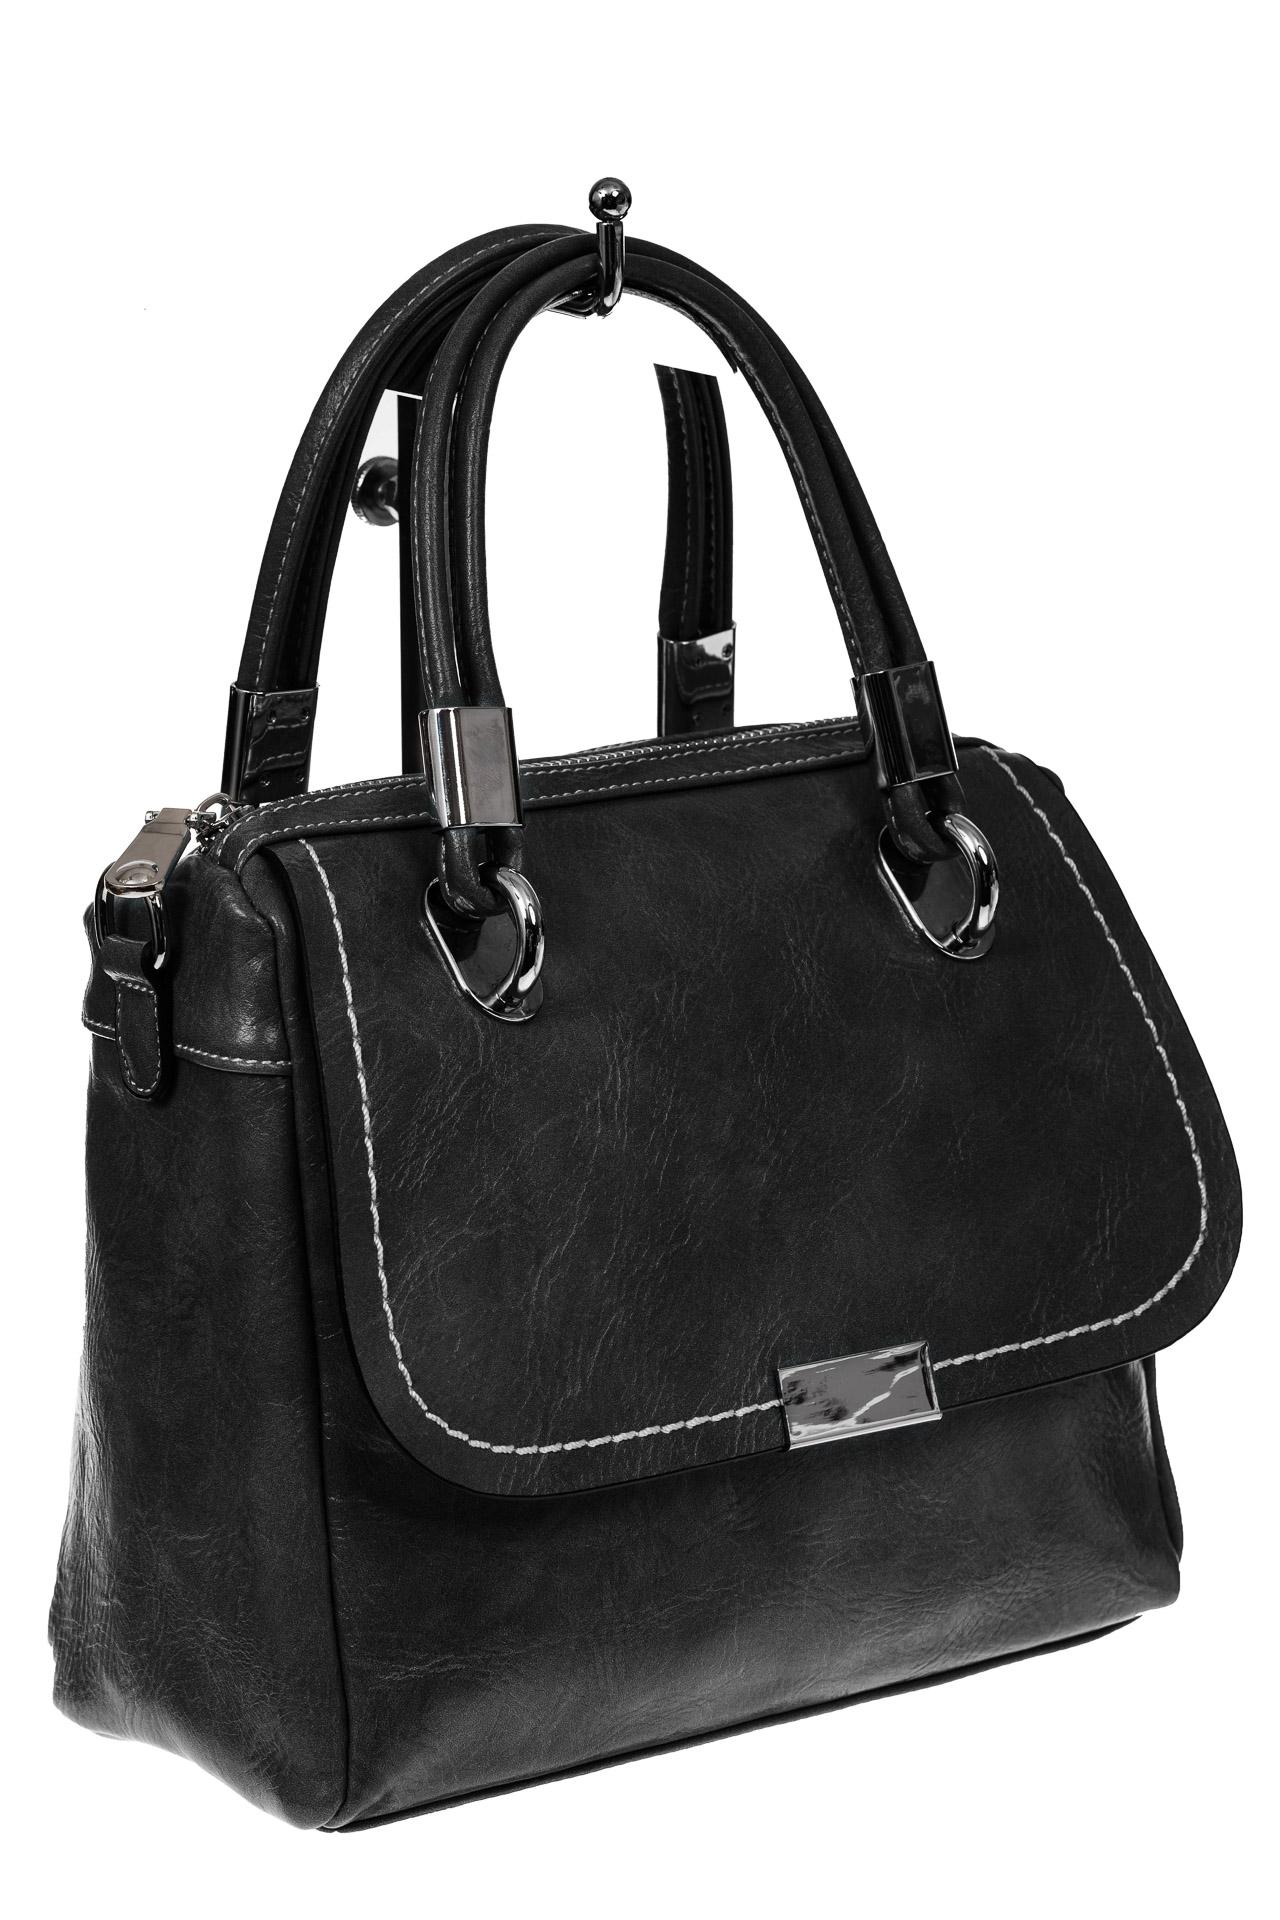 Летняя женская сумка из искусственной кожи, цвет черный9251PM5/1